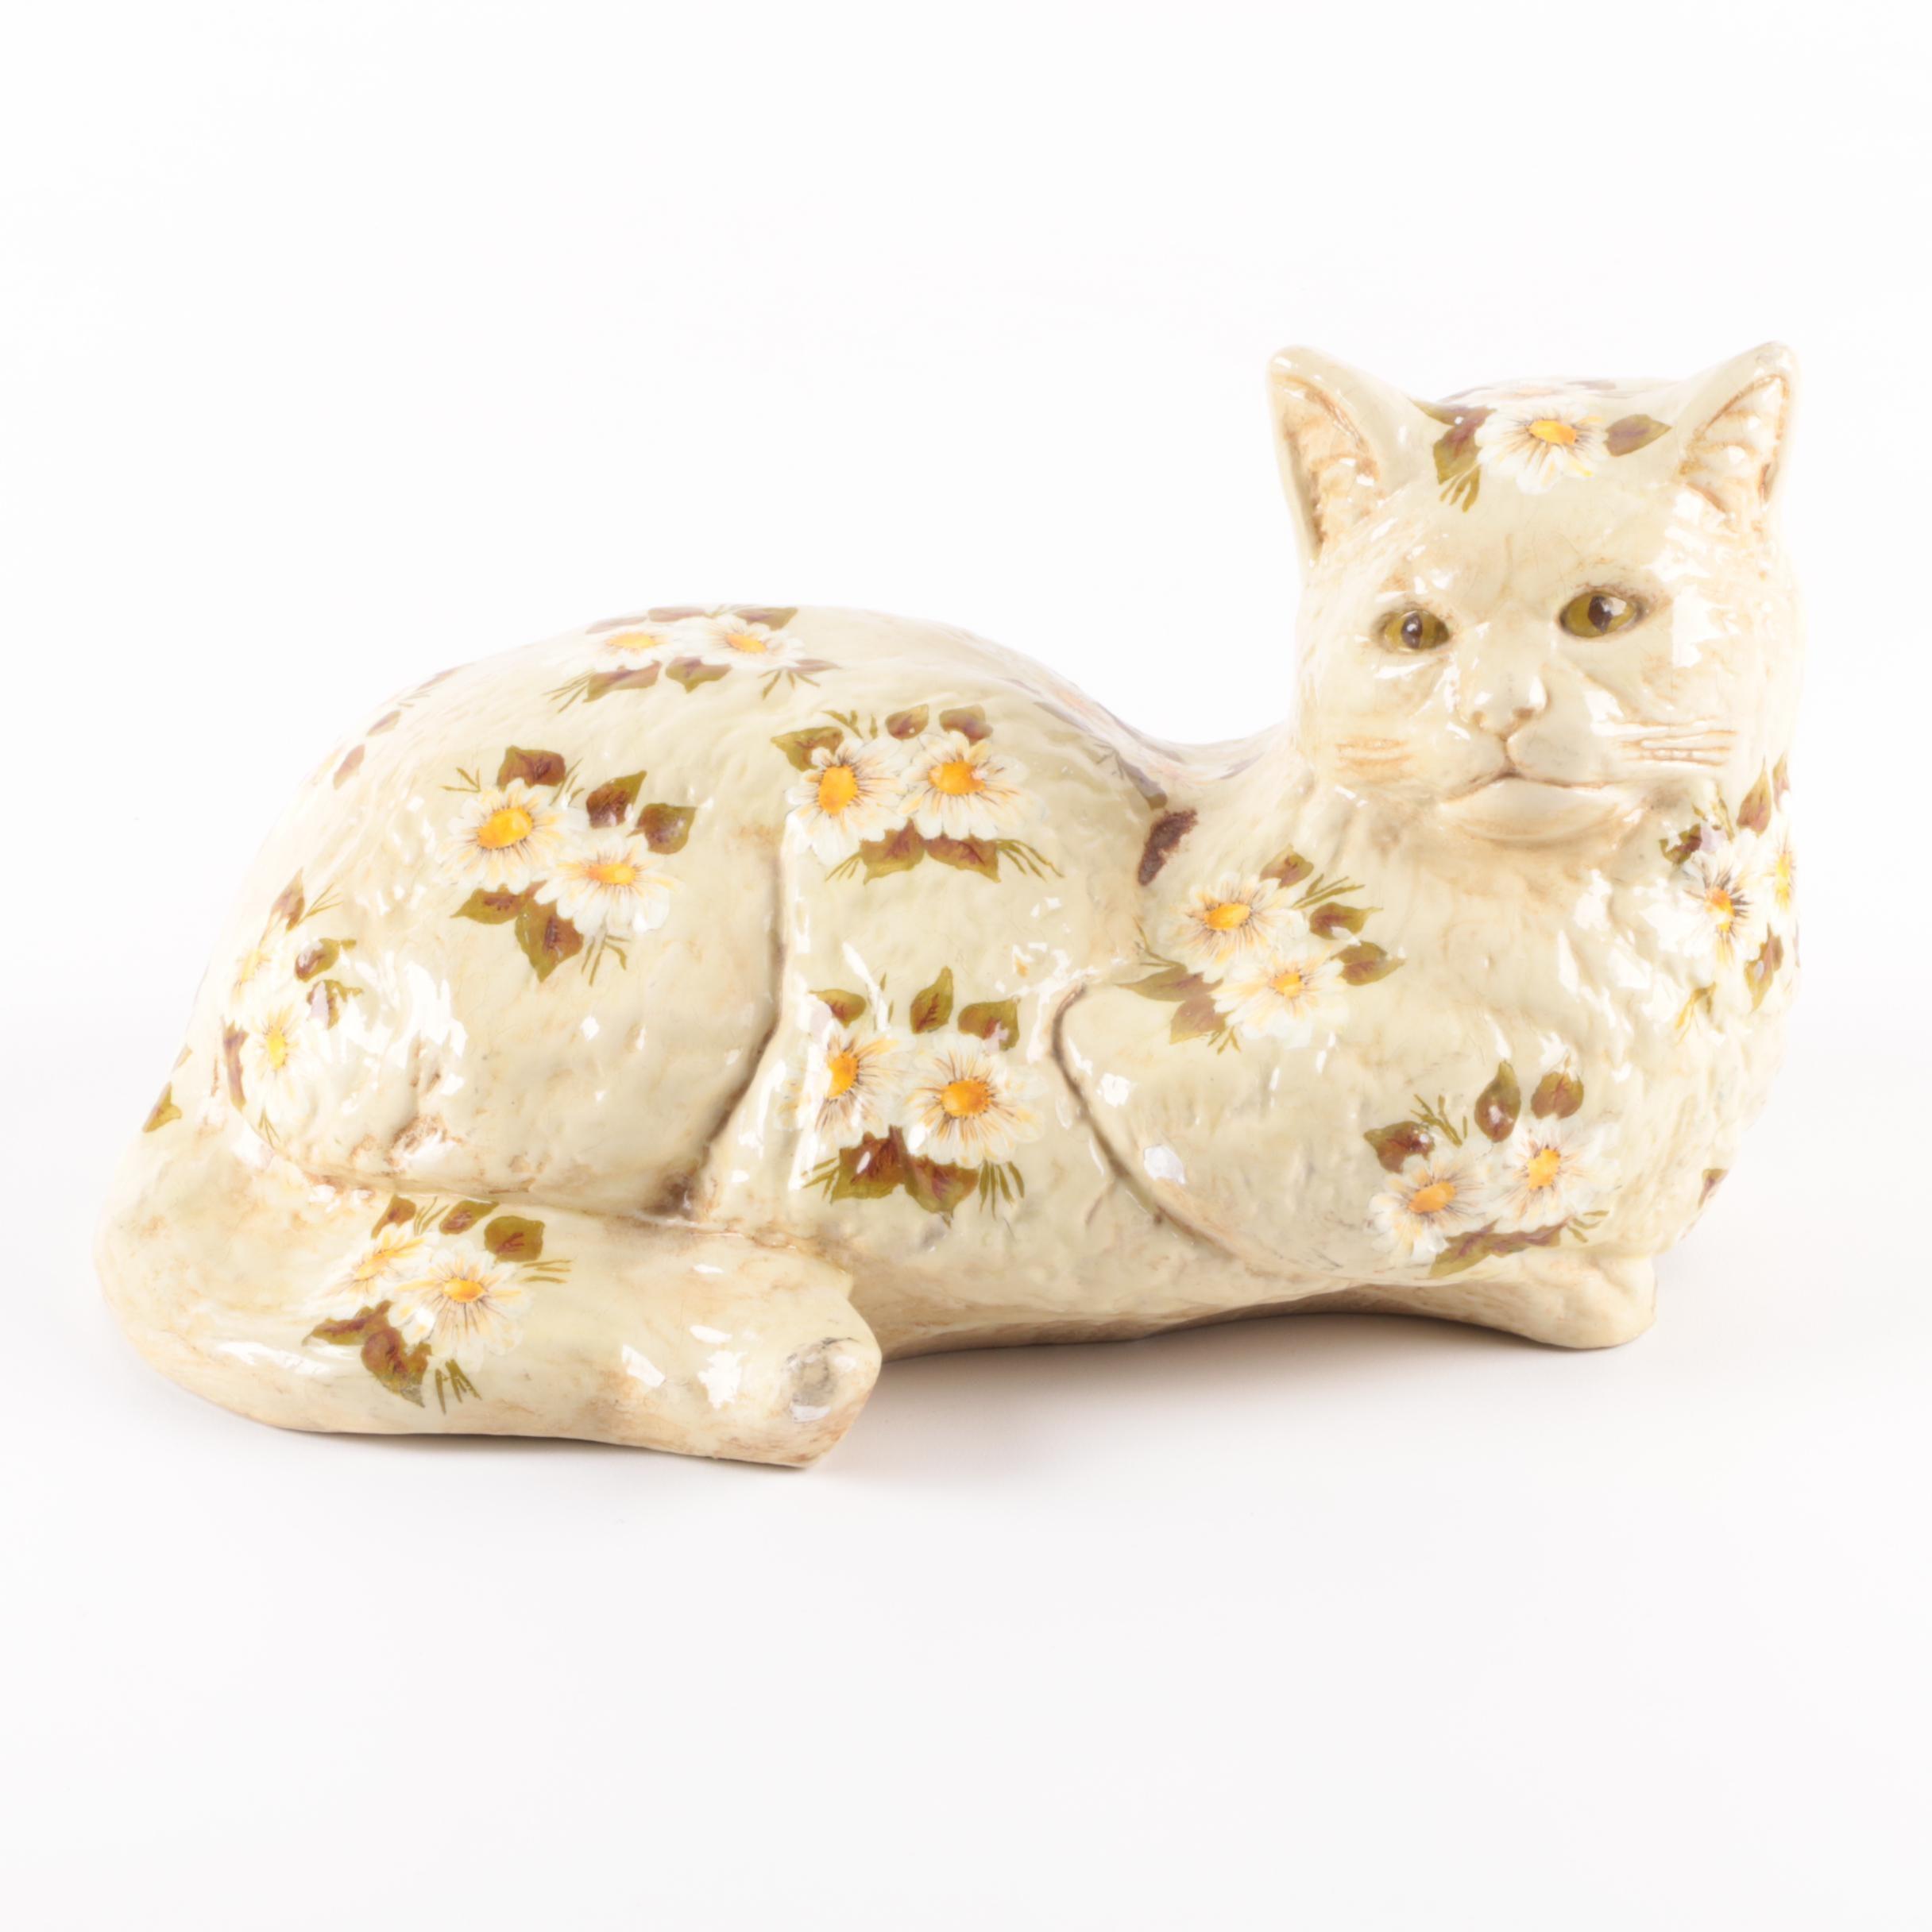 Hand-Painted Ceramic Cat Figurine